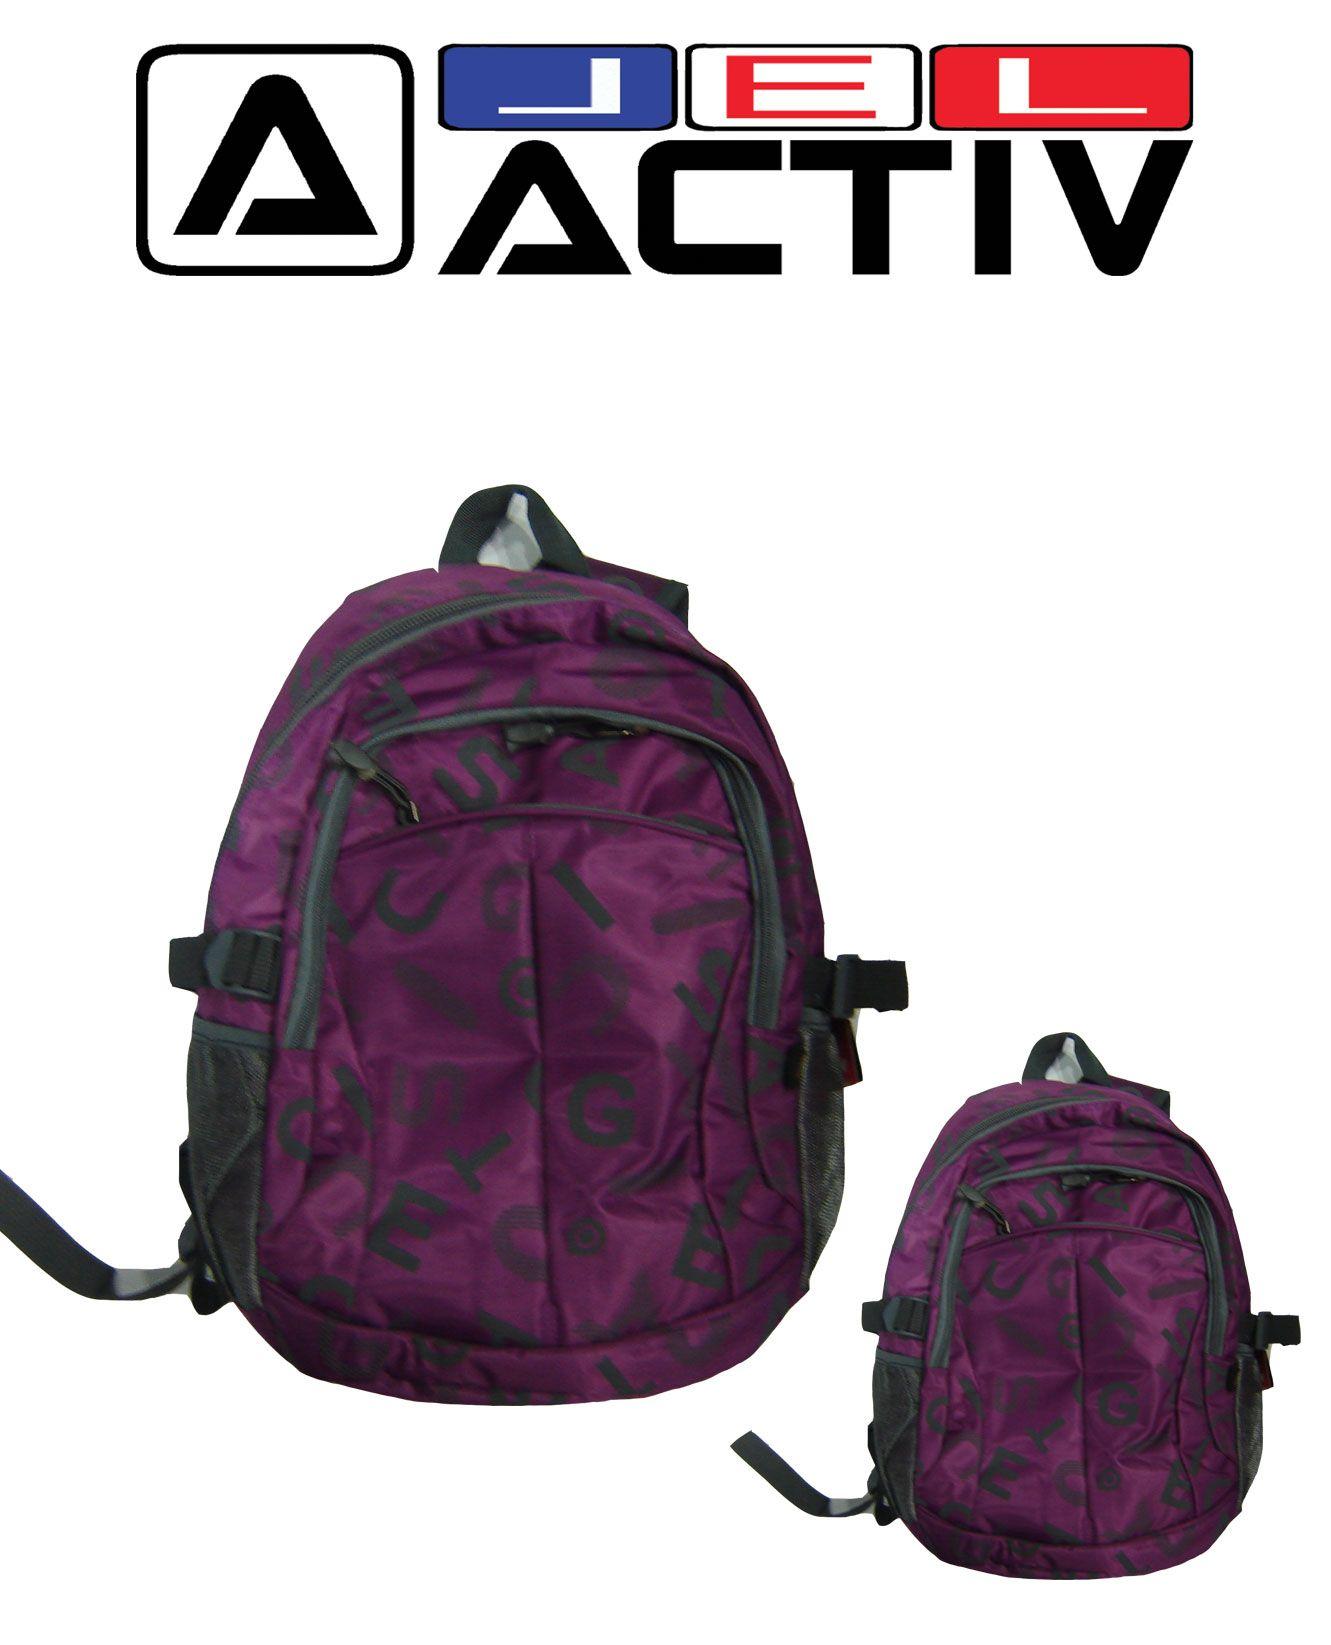 تخفيض كبير على موديلات الشنط من اكتف فى جميع الفروع السعر 150 بدلا من 220 جنيه Bags Fashion Backpacks